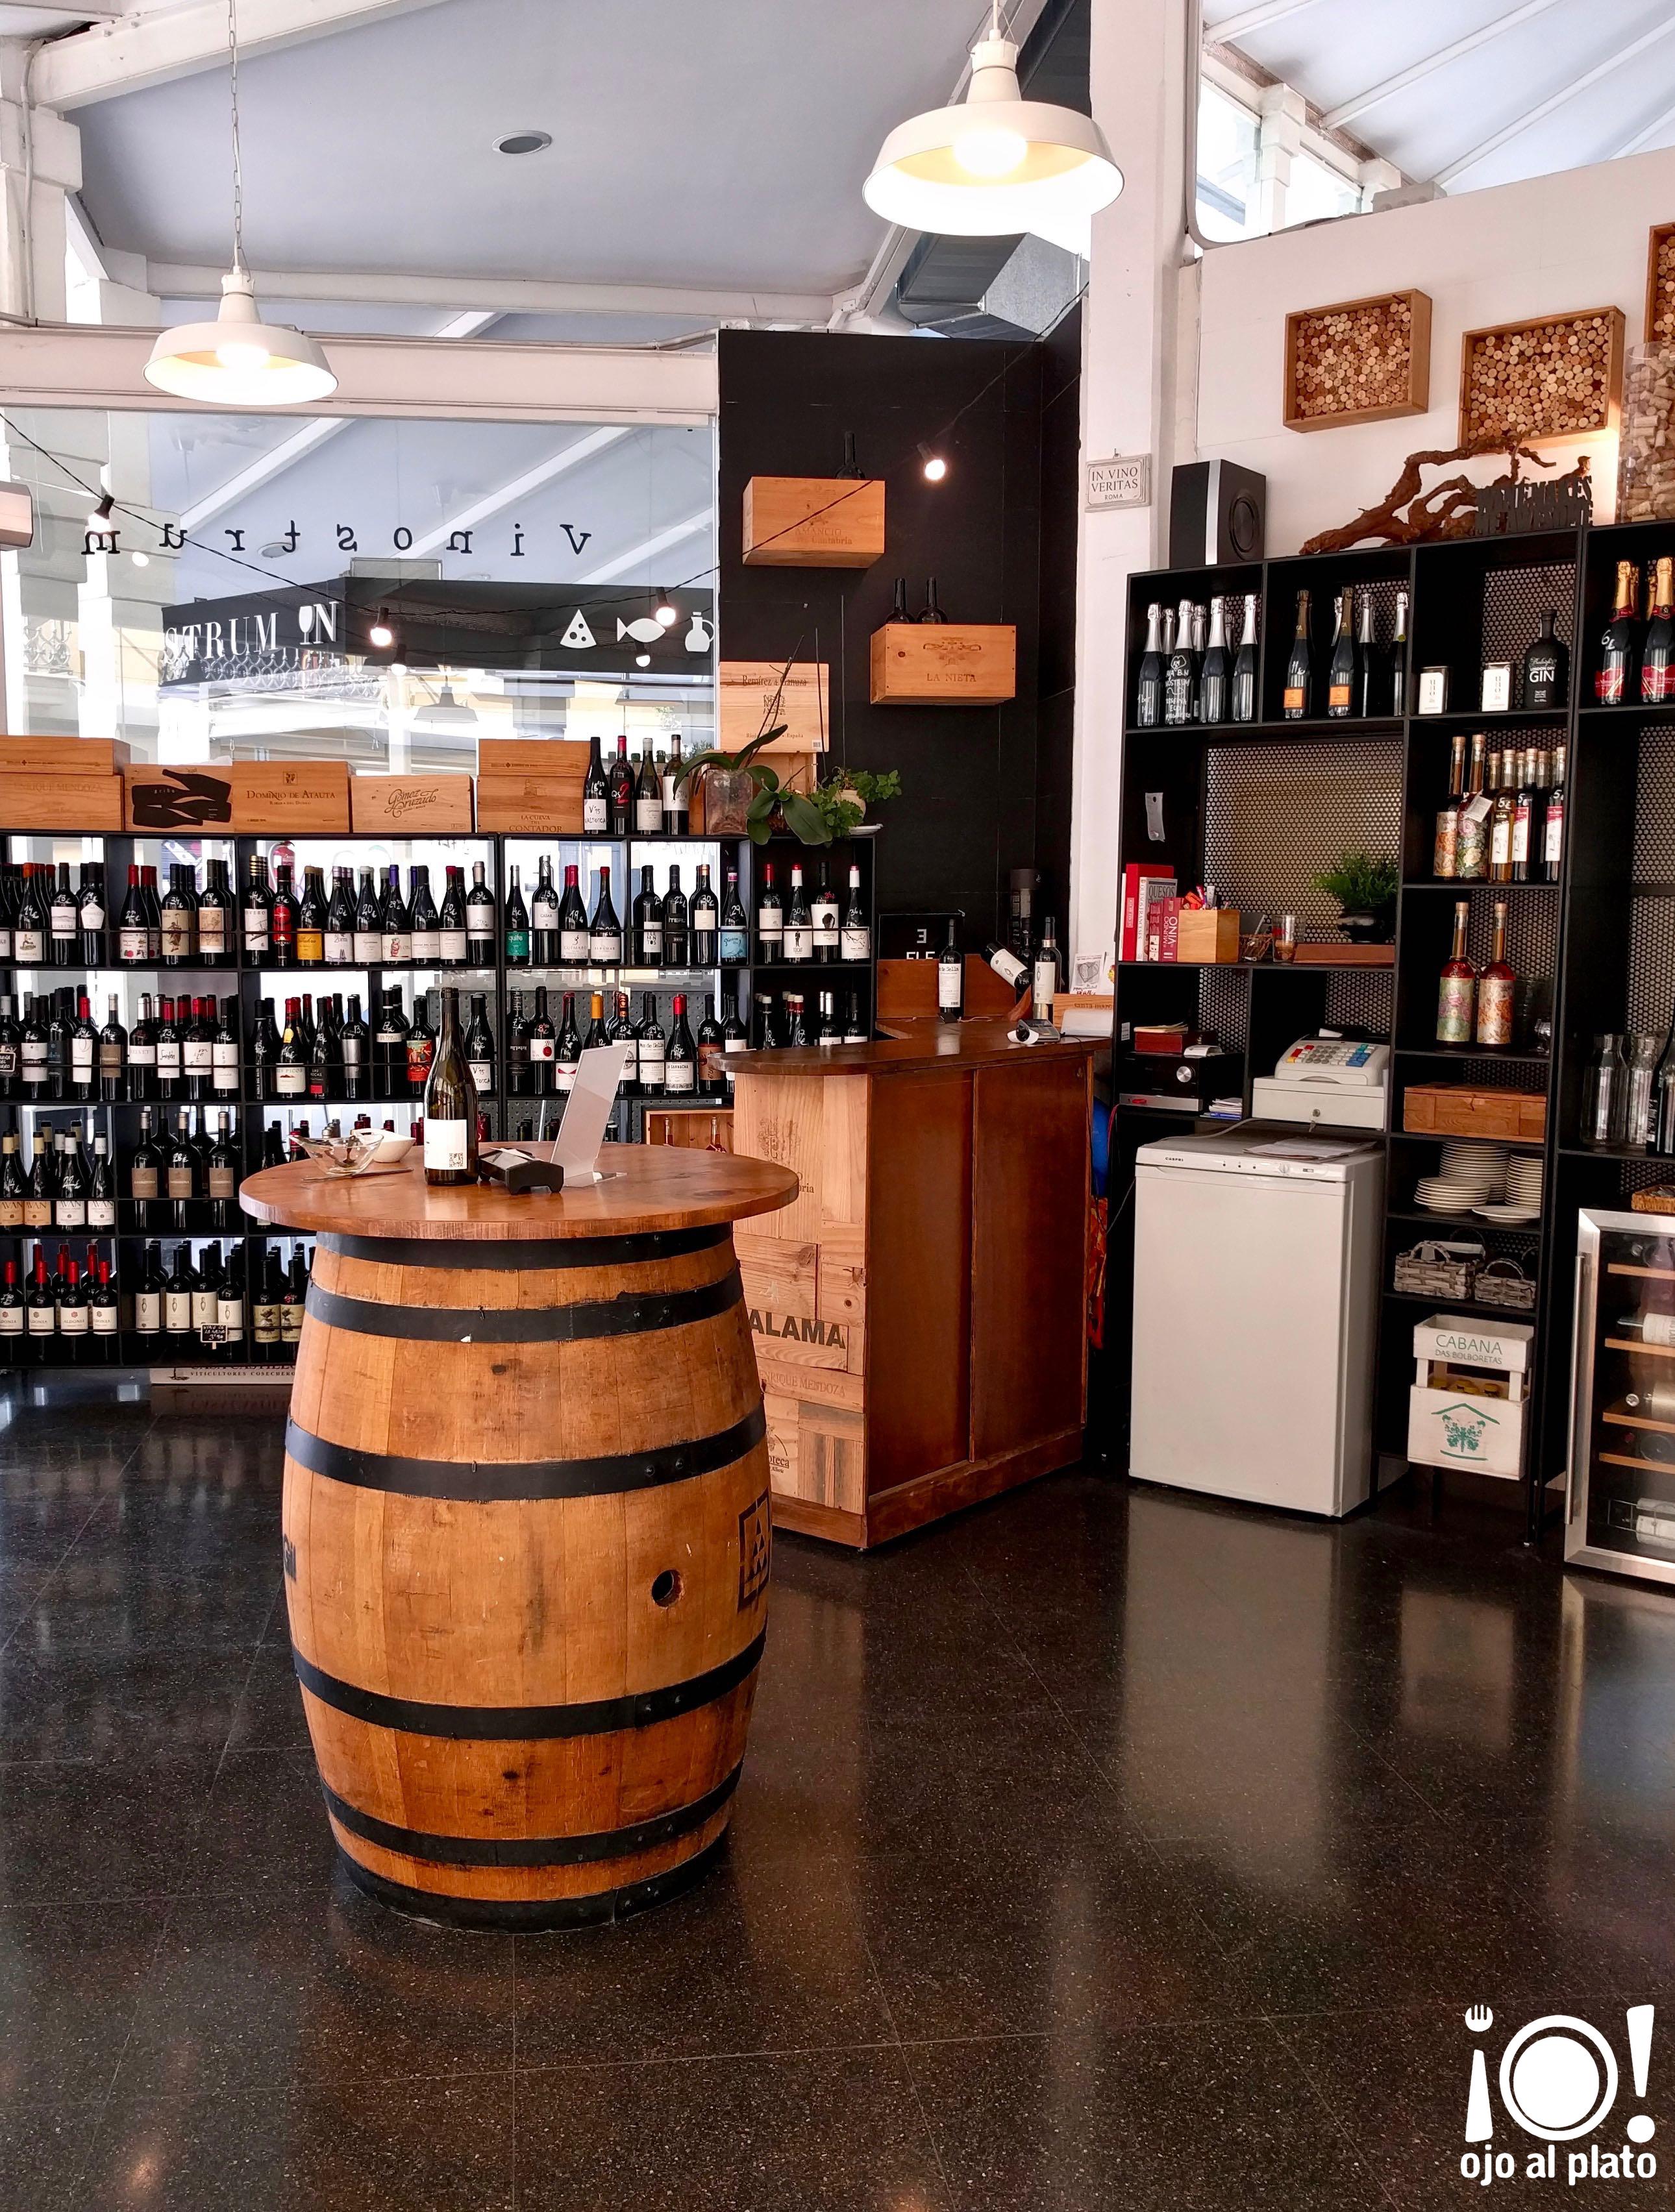 sala vinostrum